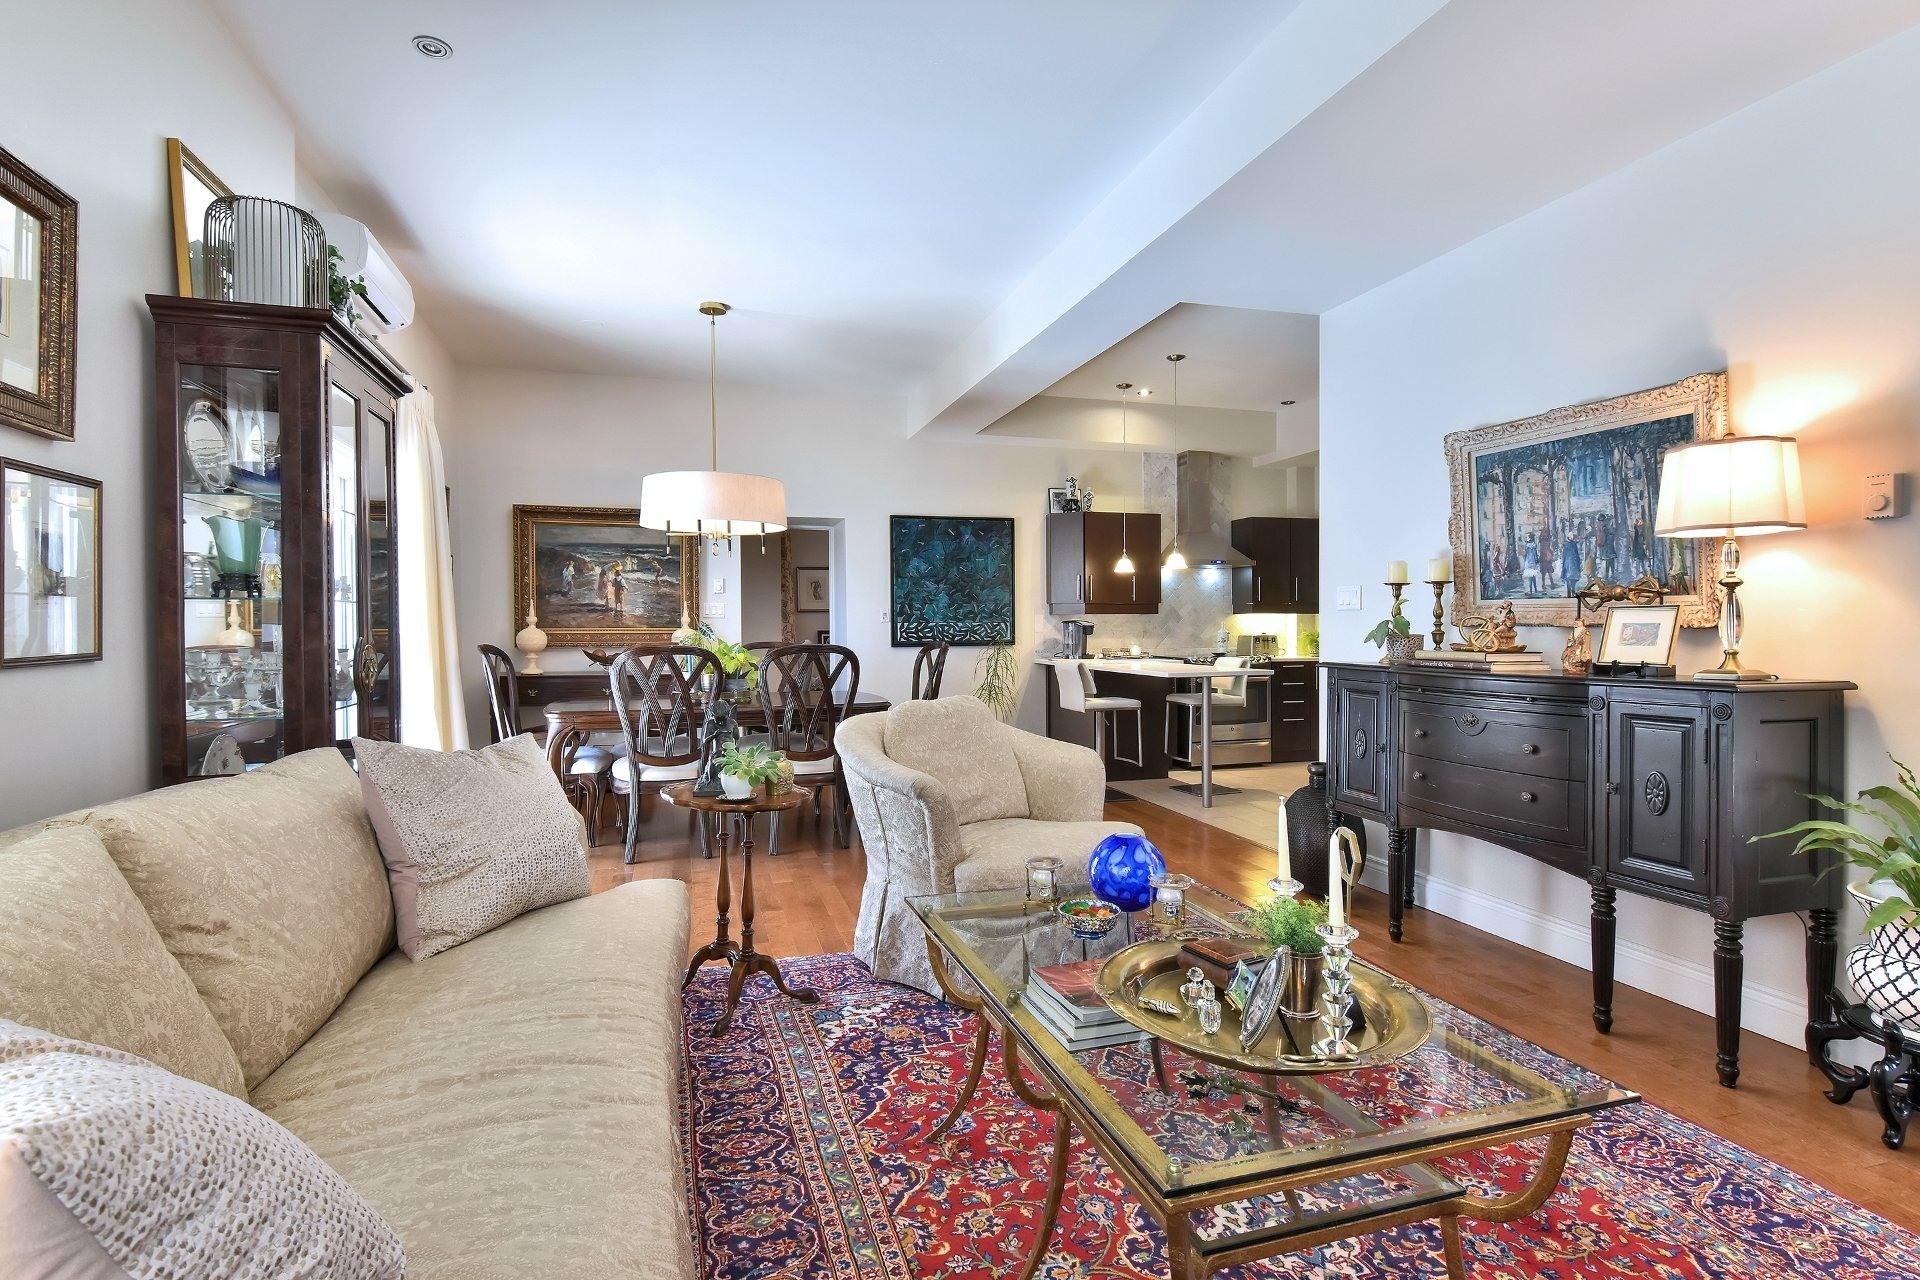 image 5 - Appartement À vendre Montréal Côte-des-Neiges/Notre-Dame-de-Grâce  - 5 pièces